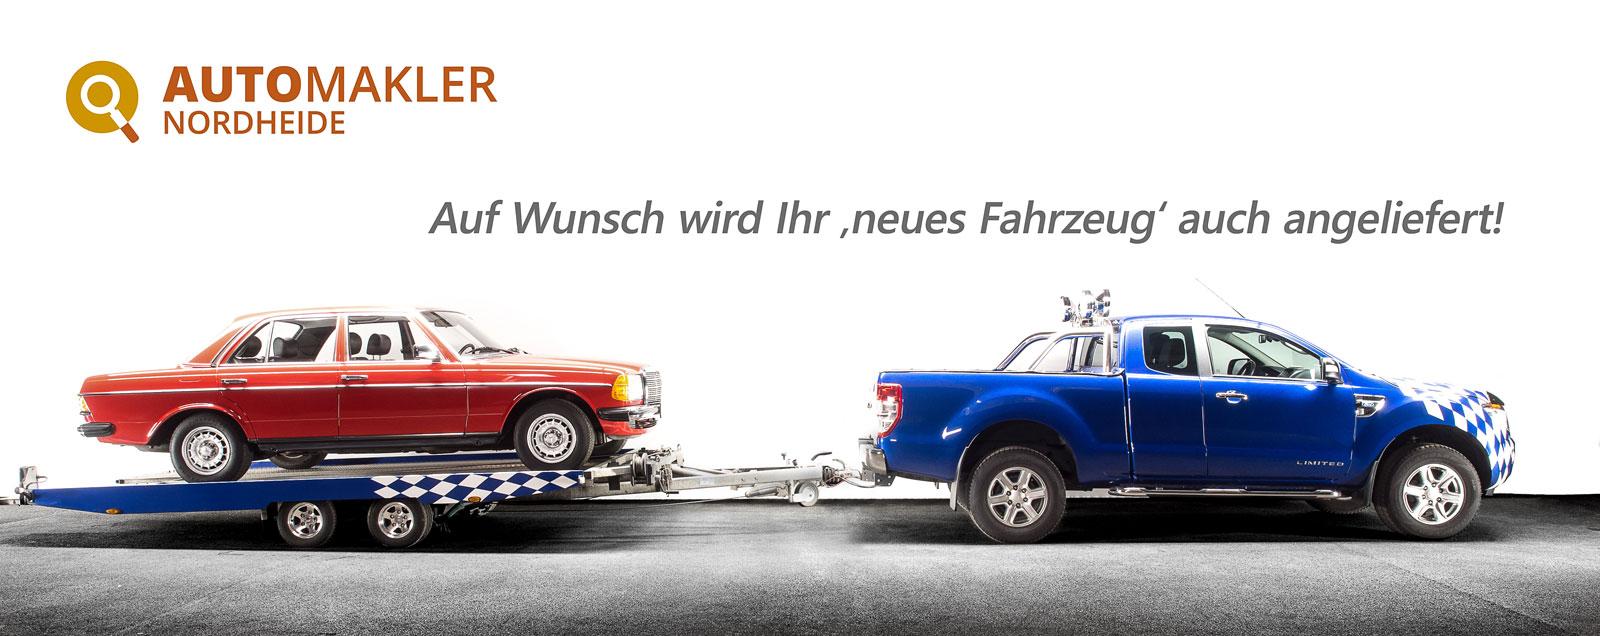 """Unser Service: Auf Wunsch wird Ihr """"neues Fahrzeug"""" kostengünstig angeliefert."""